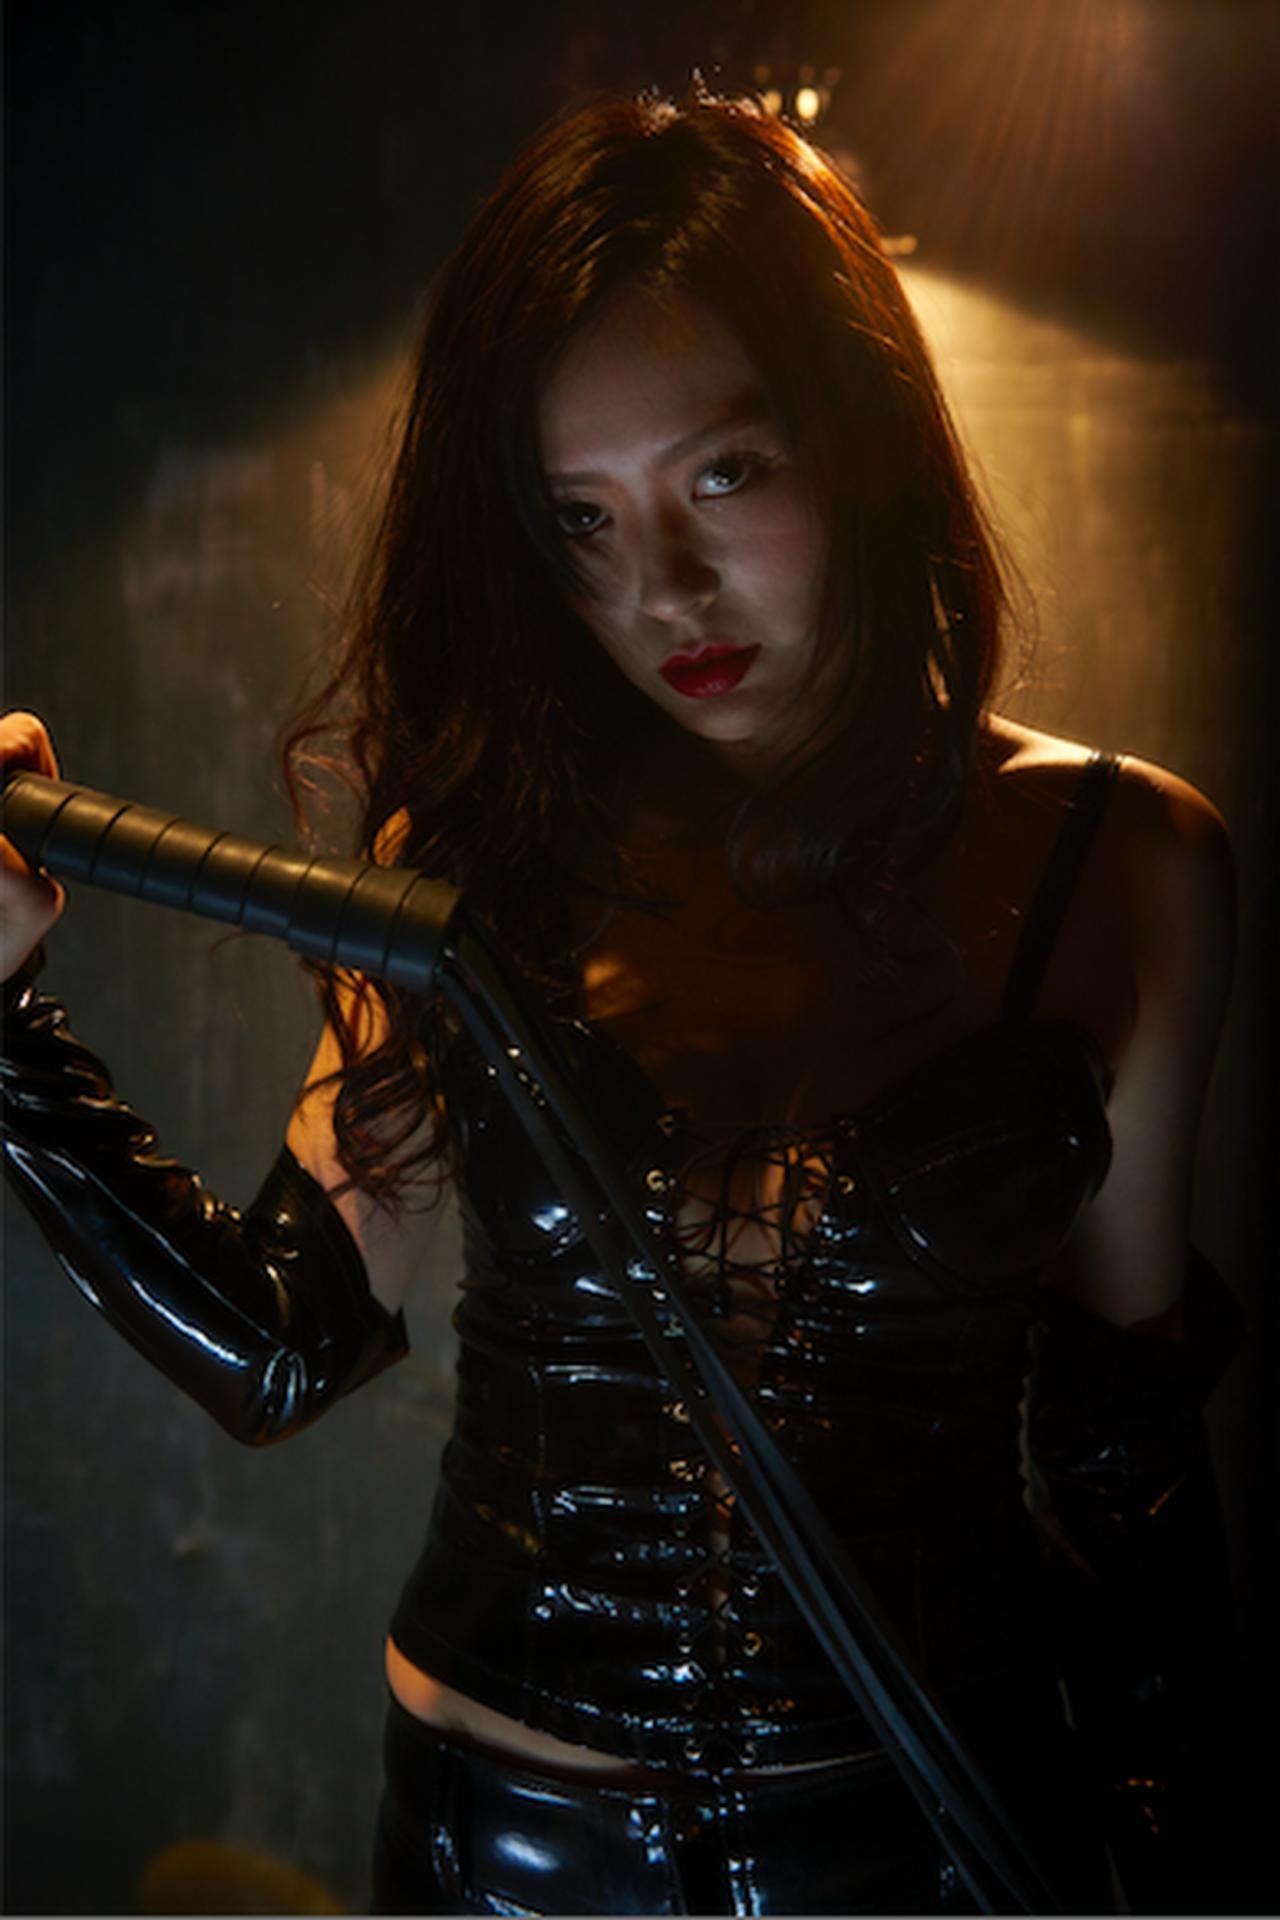 画像: SM嬢になる主人公(平塚千瑛) ©「私は絶対許さない」製作委員会